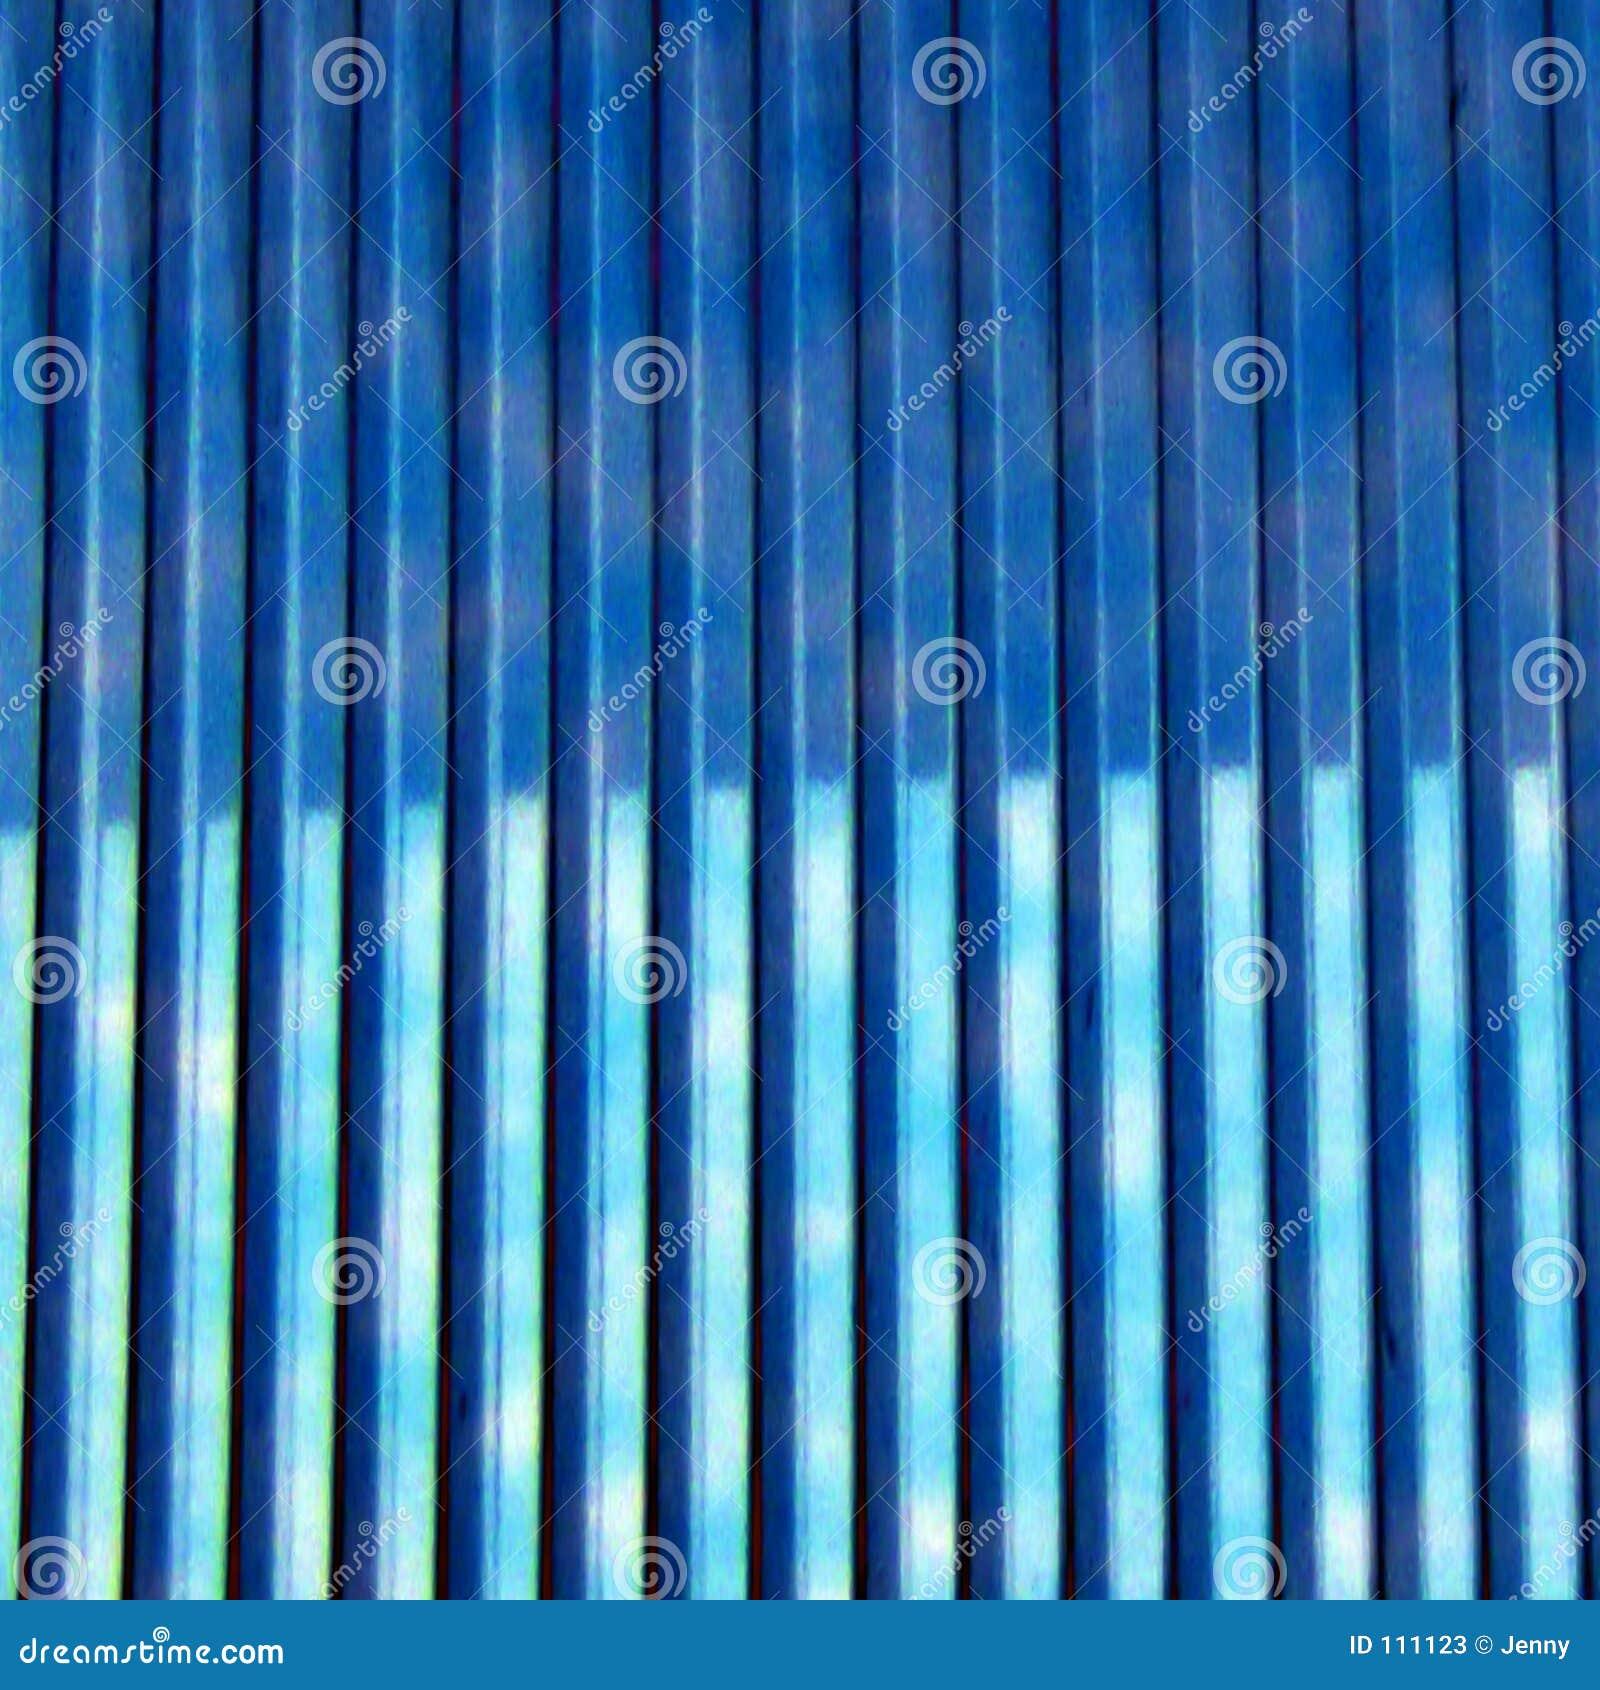 Sumário - linhas azuis